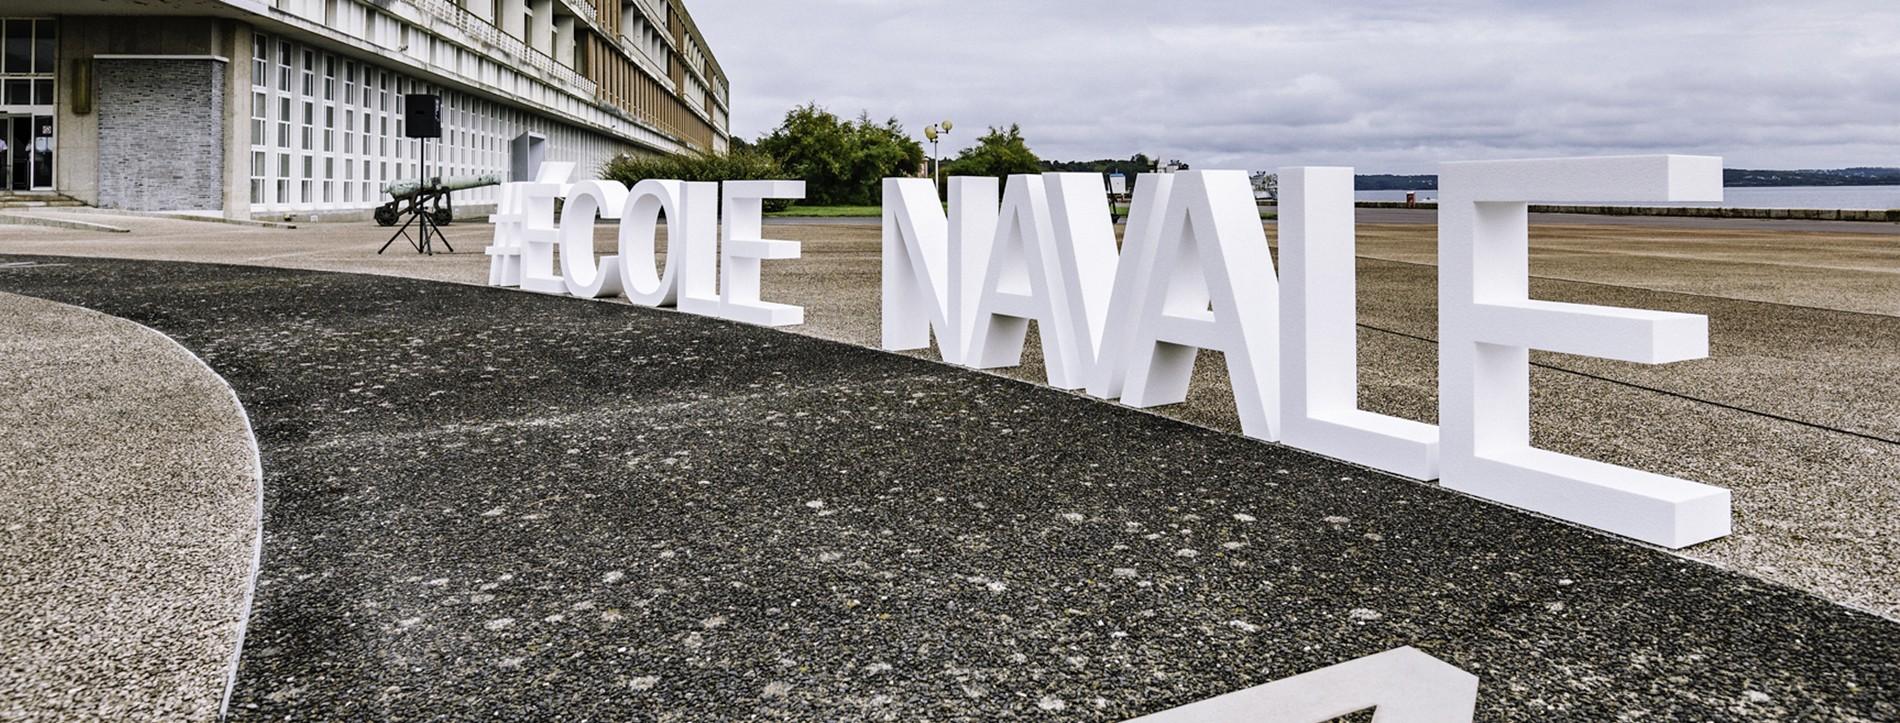 #ÉCOLE NAVALE, LETTRES EN POLYSTYRENE BLANC BRUT H 100 cm L 950 cm EP 25cm , Ecole Navale de Brest